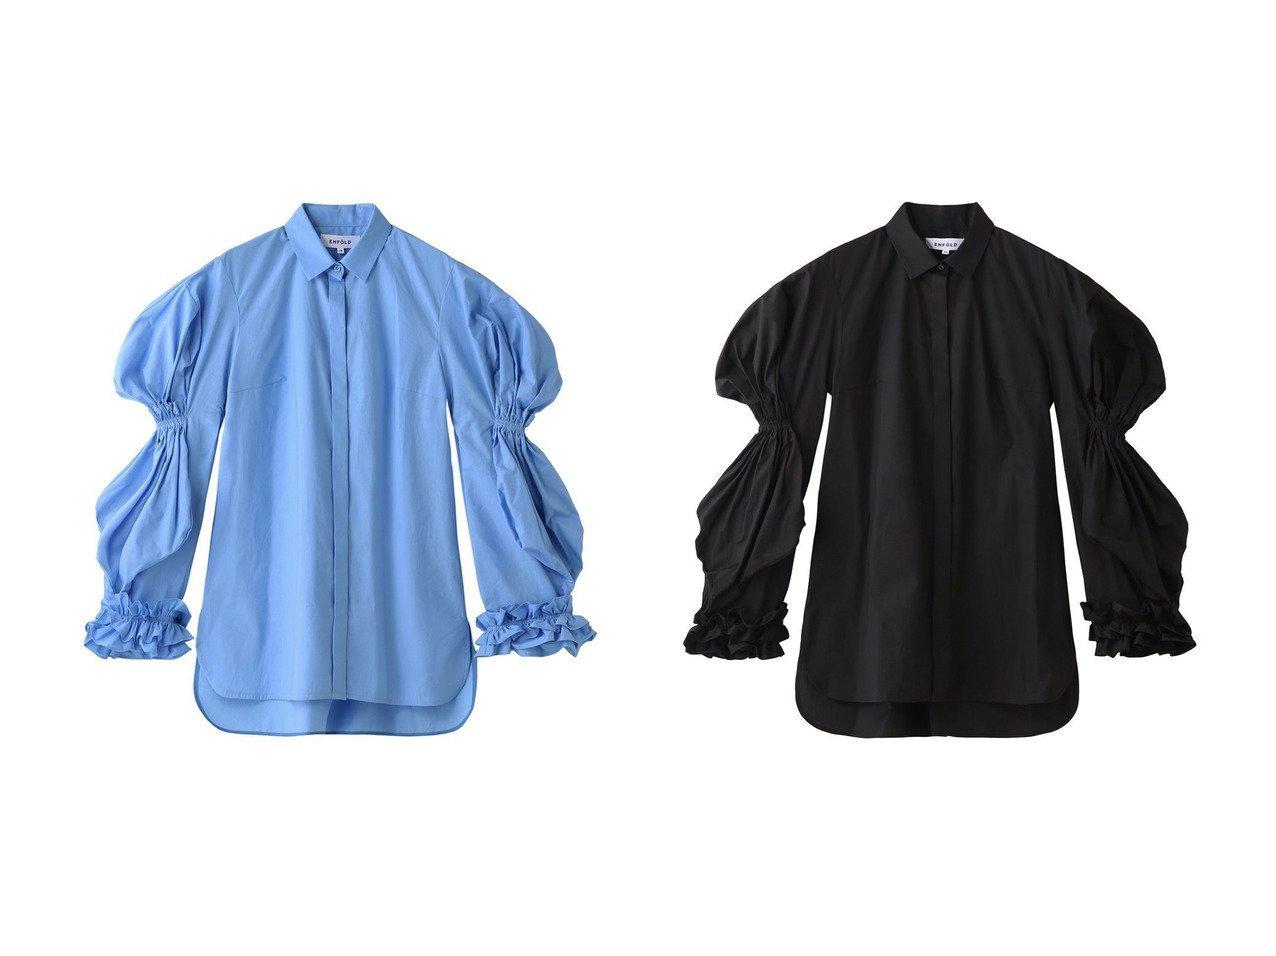 【ENFOLD/エンフォルド】のCOブロード カーブフリル シャツ&SOMELOS カーブフリルシャツ トップス・カットソーのおすすめ!人気、トレンド・レディースファッションの通販 おすすめで人気の流行・トレンド、ファッションの通販商品 メンズファッション・キッズファッション・インテリア・家具・レディースファッション・服の通販 founy(ファニー) https://founy.com/ ファッション Fashion レディースファッション WOMEN トップス Tops Tshirt シャツ/ブラウス Shirts Blouses シャーリング スリーブ フリル ブロード ロング 長袖 |ID:crp329100000011018